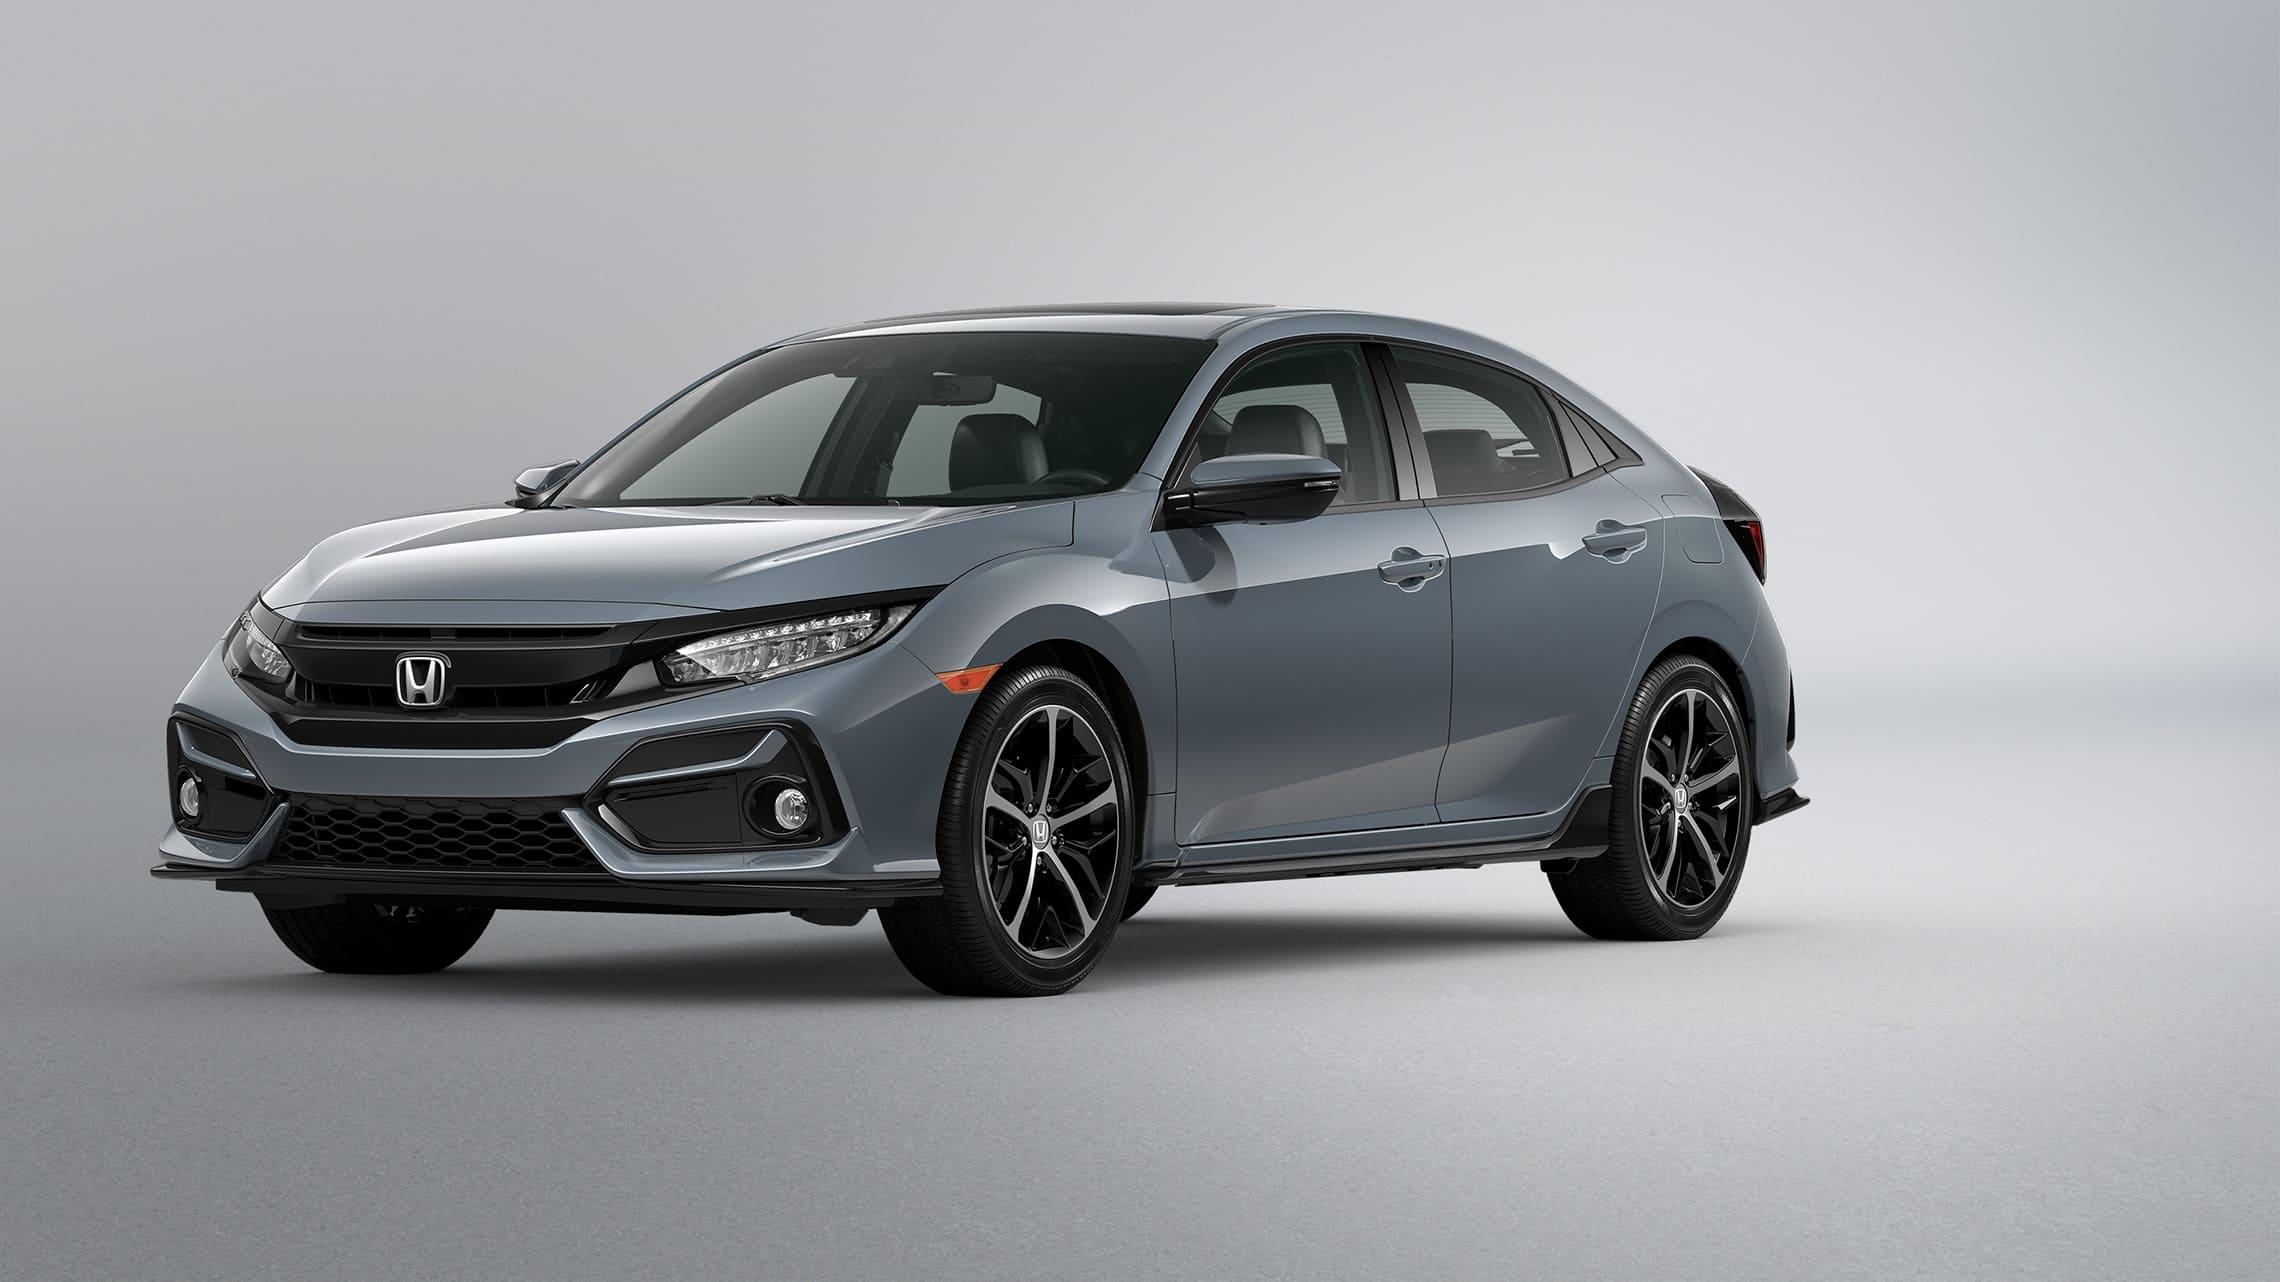 Vista frontal desde el lado del conductor del Honda CivicSportTouringHatchback2021 en Sonic Gray Pearl.